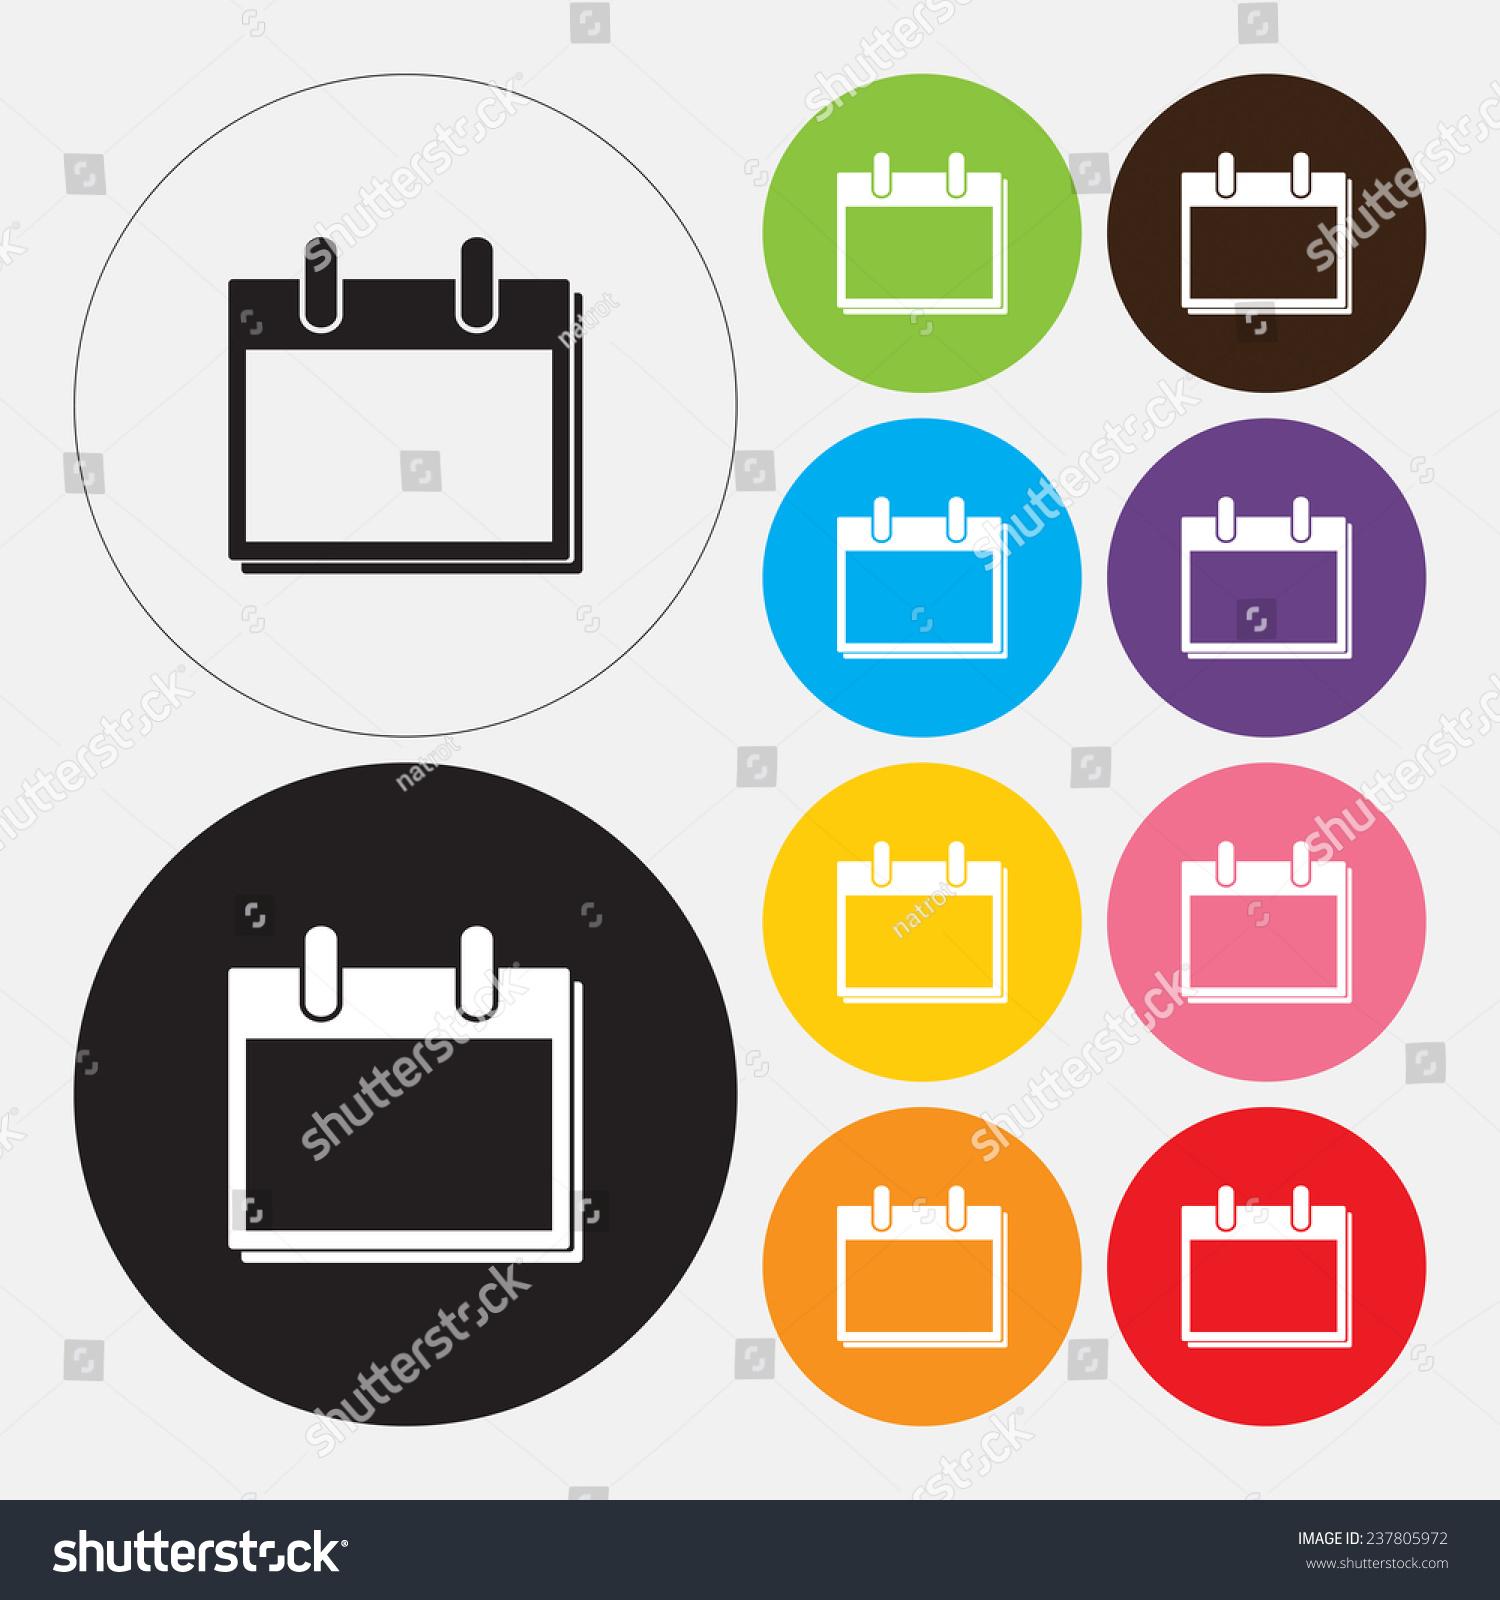 Calendar Icon Vector Stock Vector 237805972 - Shutterstock